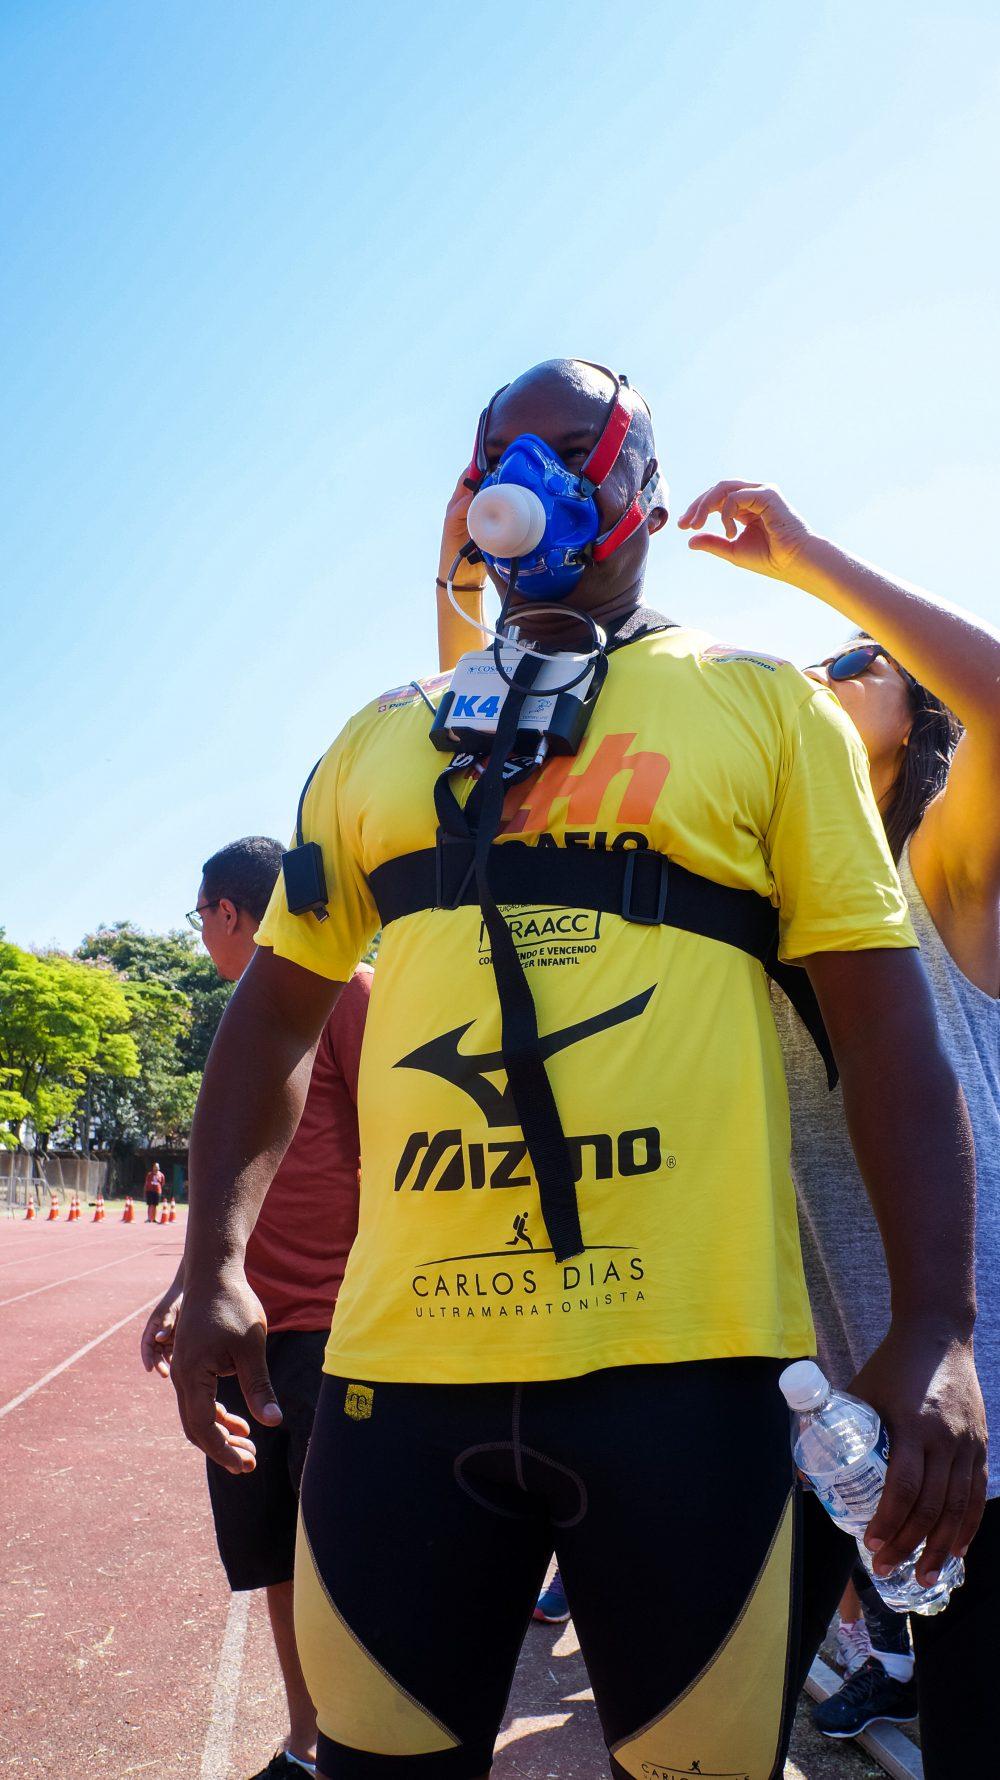 Foto: André Kato/Divulgação